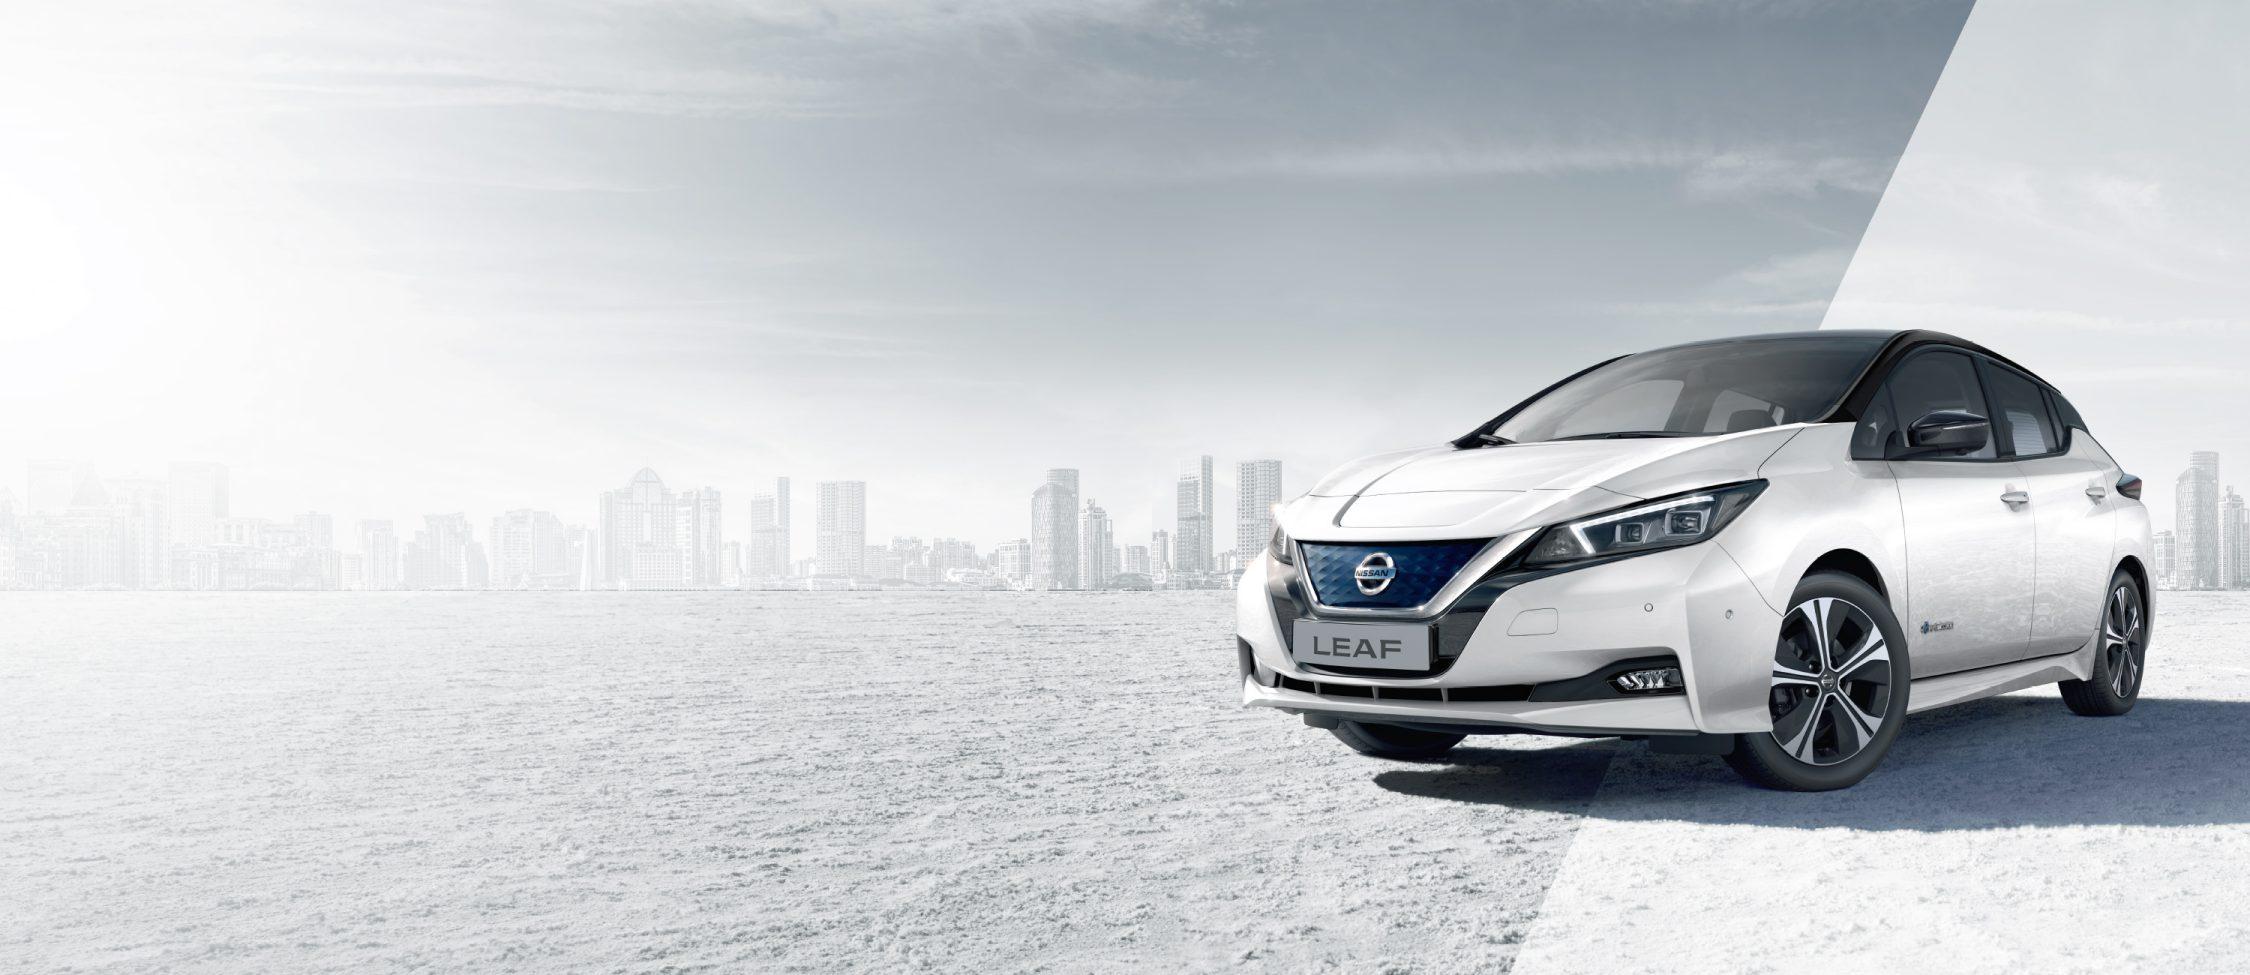 Nissan LEAF - Voiture électrique la plus vendue en Europe en 2018 ... f8ee586f0e5